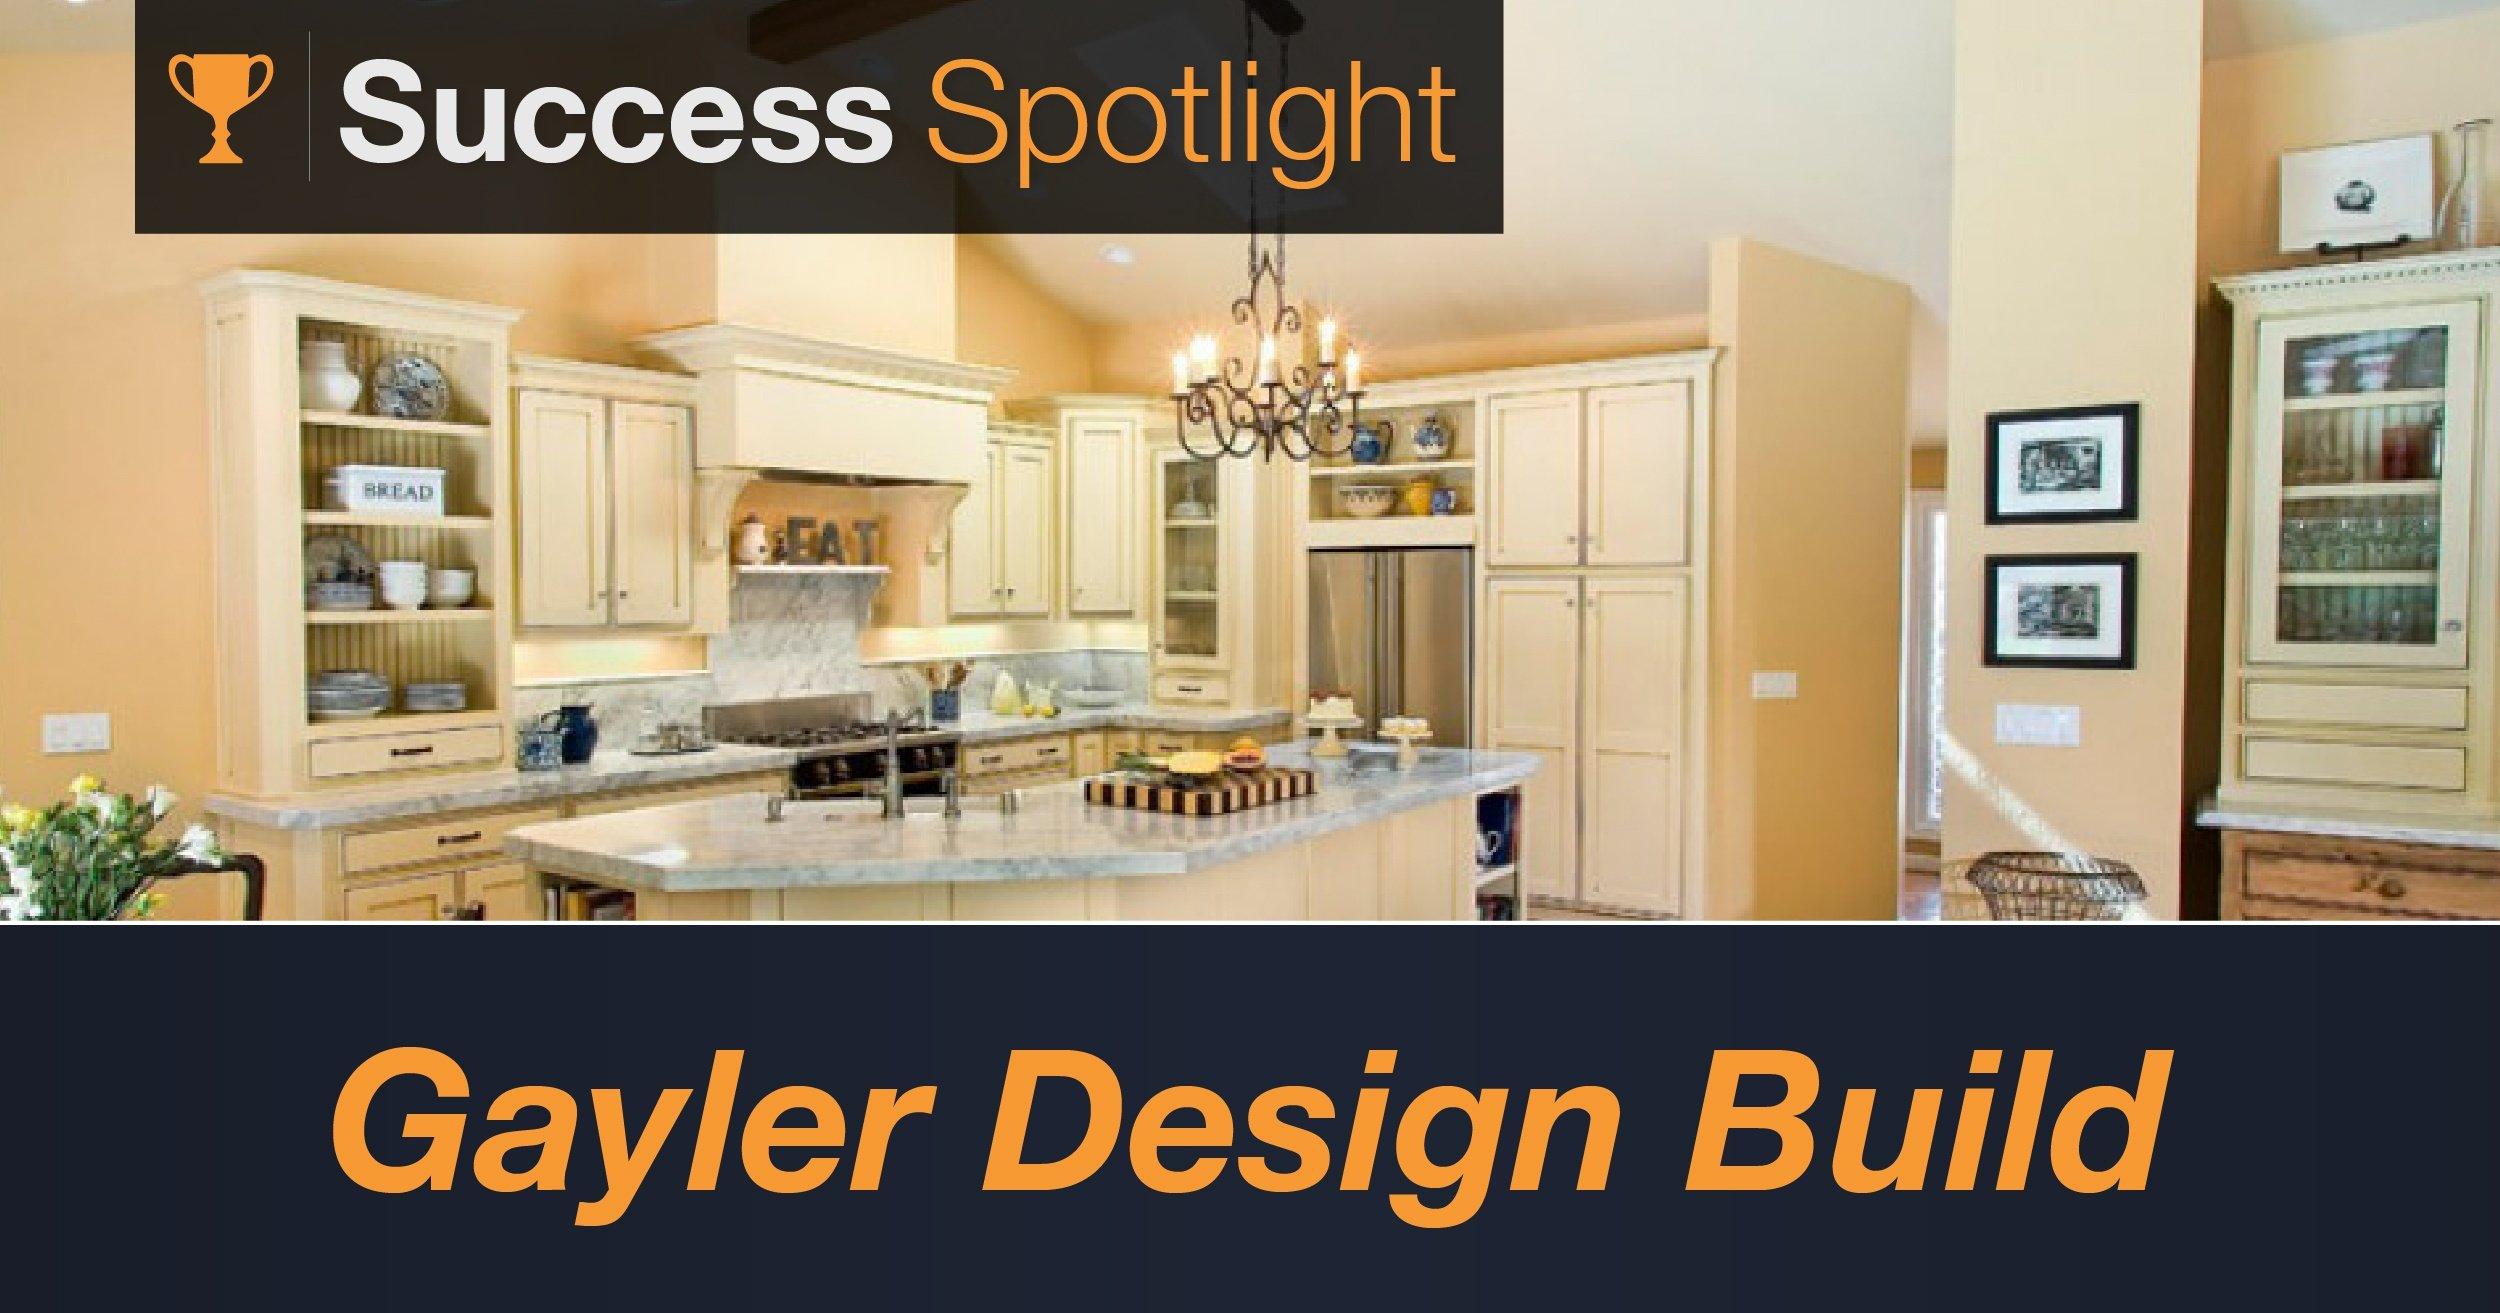 Success Spotlight: Gayler Design Build